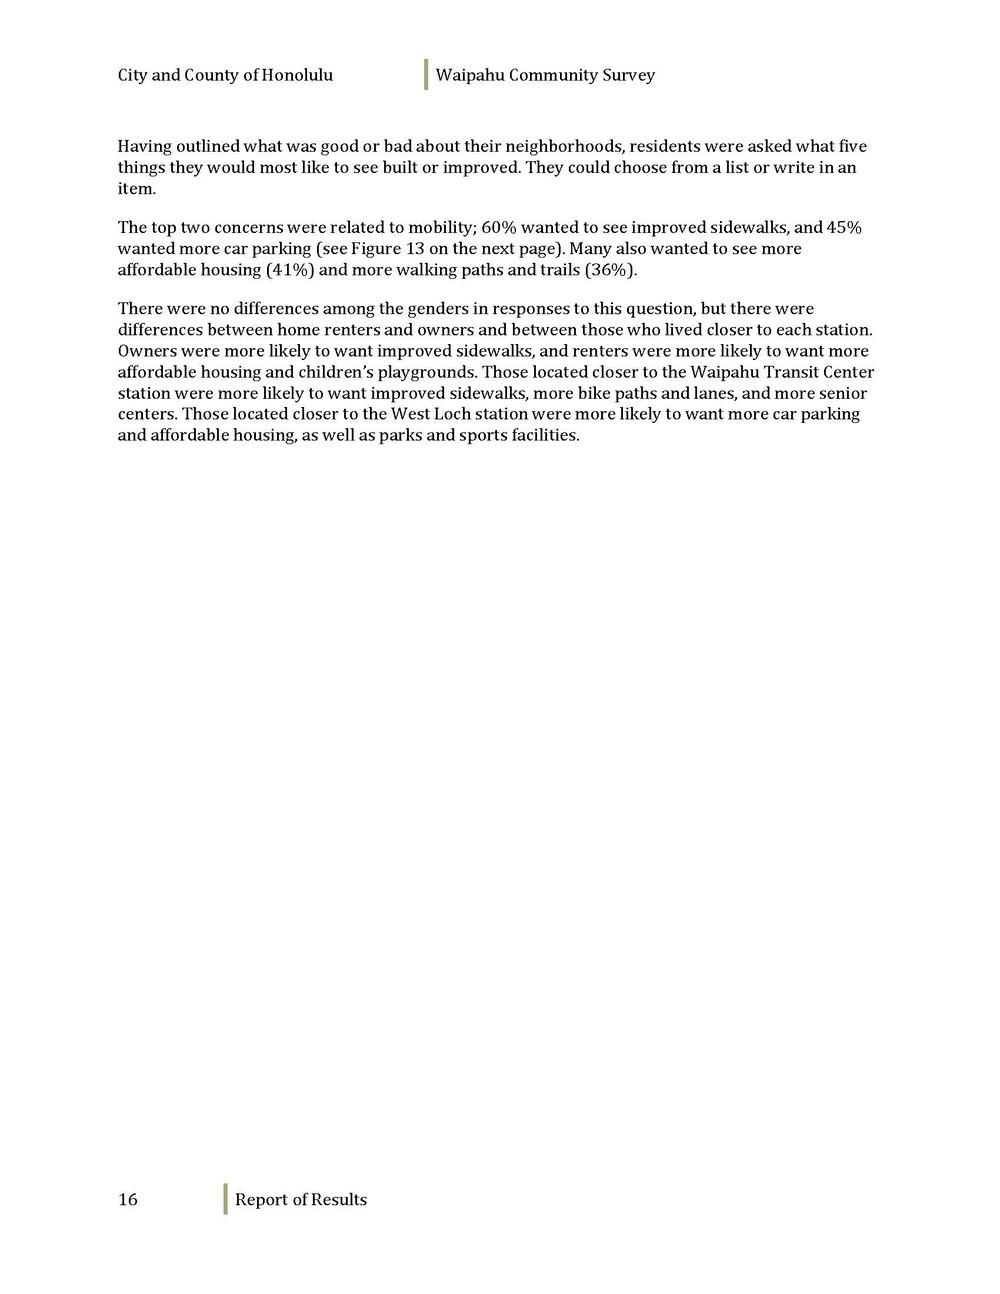 160608_WaipahuCommunitySurvey_Dec2012_Page_018.jpg